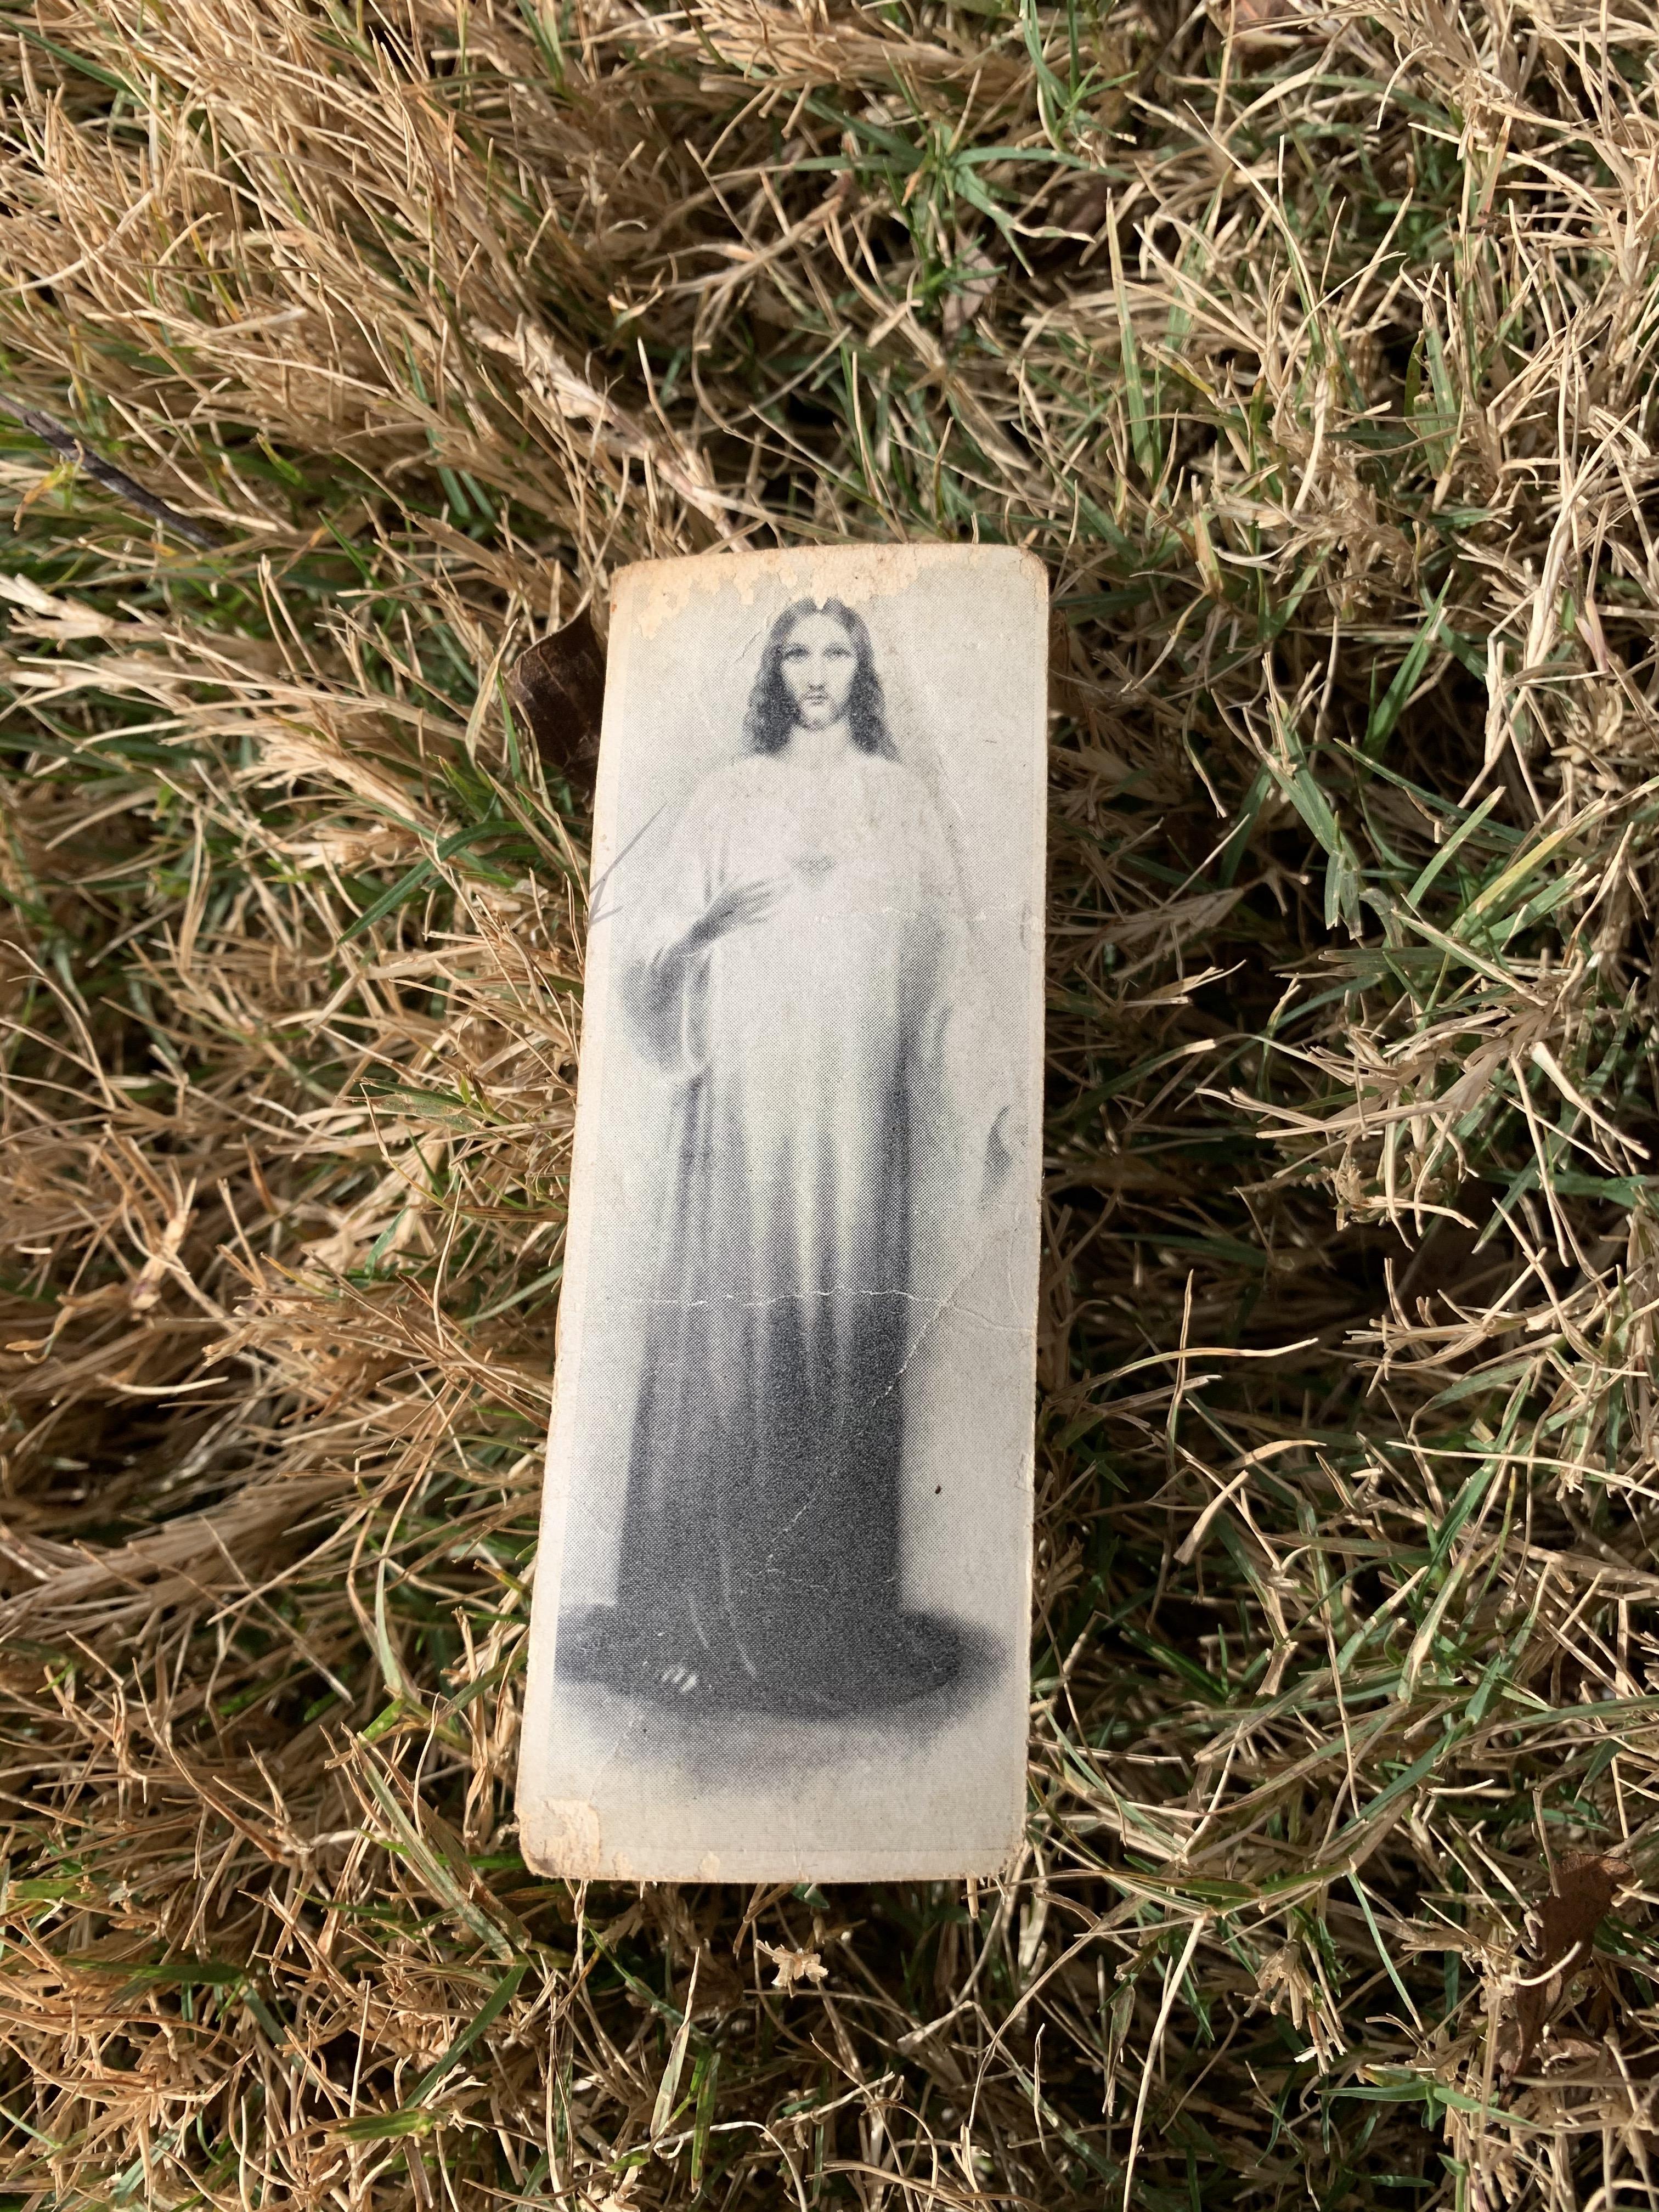 Jesus in the Backyard